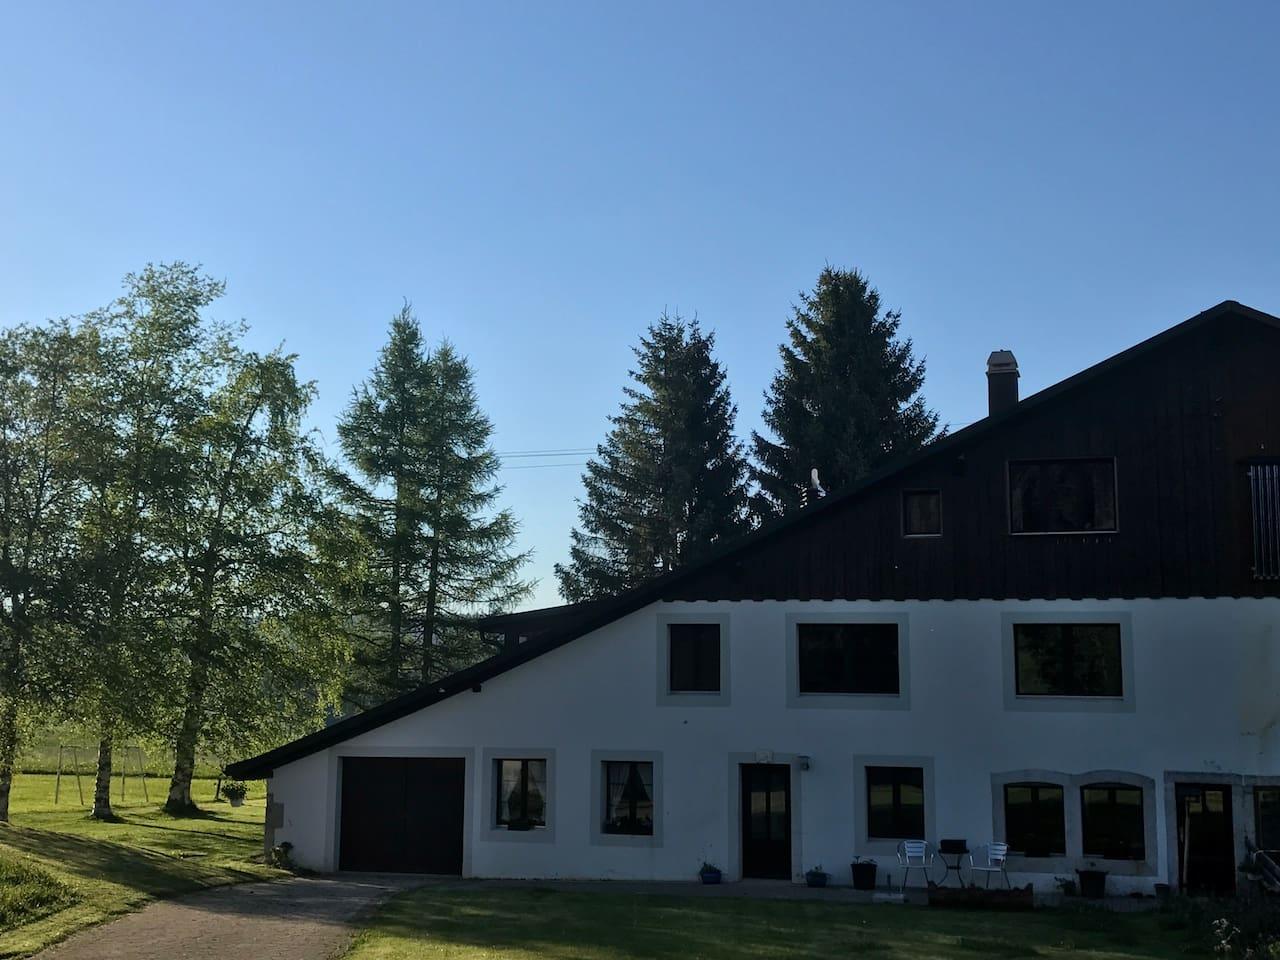 Cottage (2nd floor) / Jura Bauernhaus (2. Stock) / Demi-ferme jurassien (2eme étage)